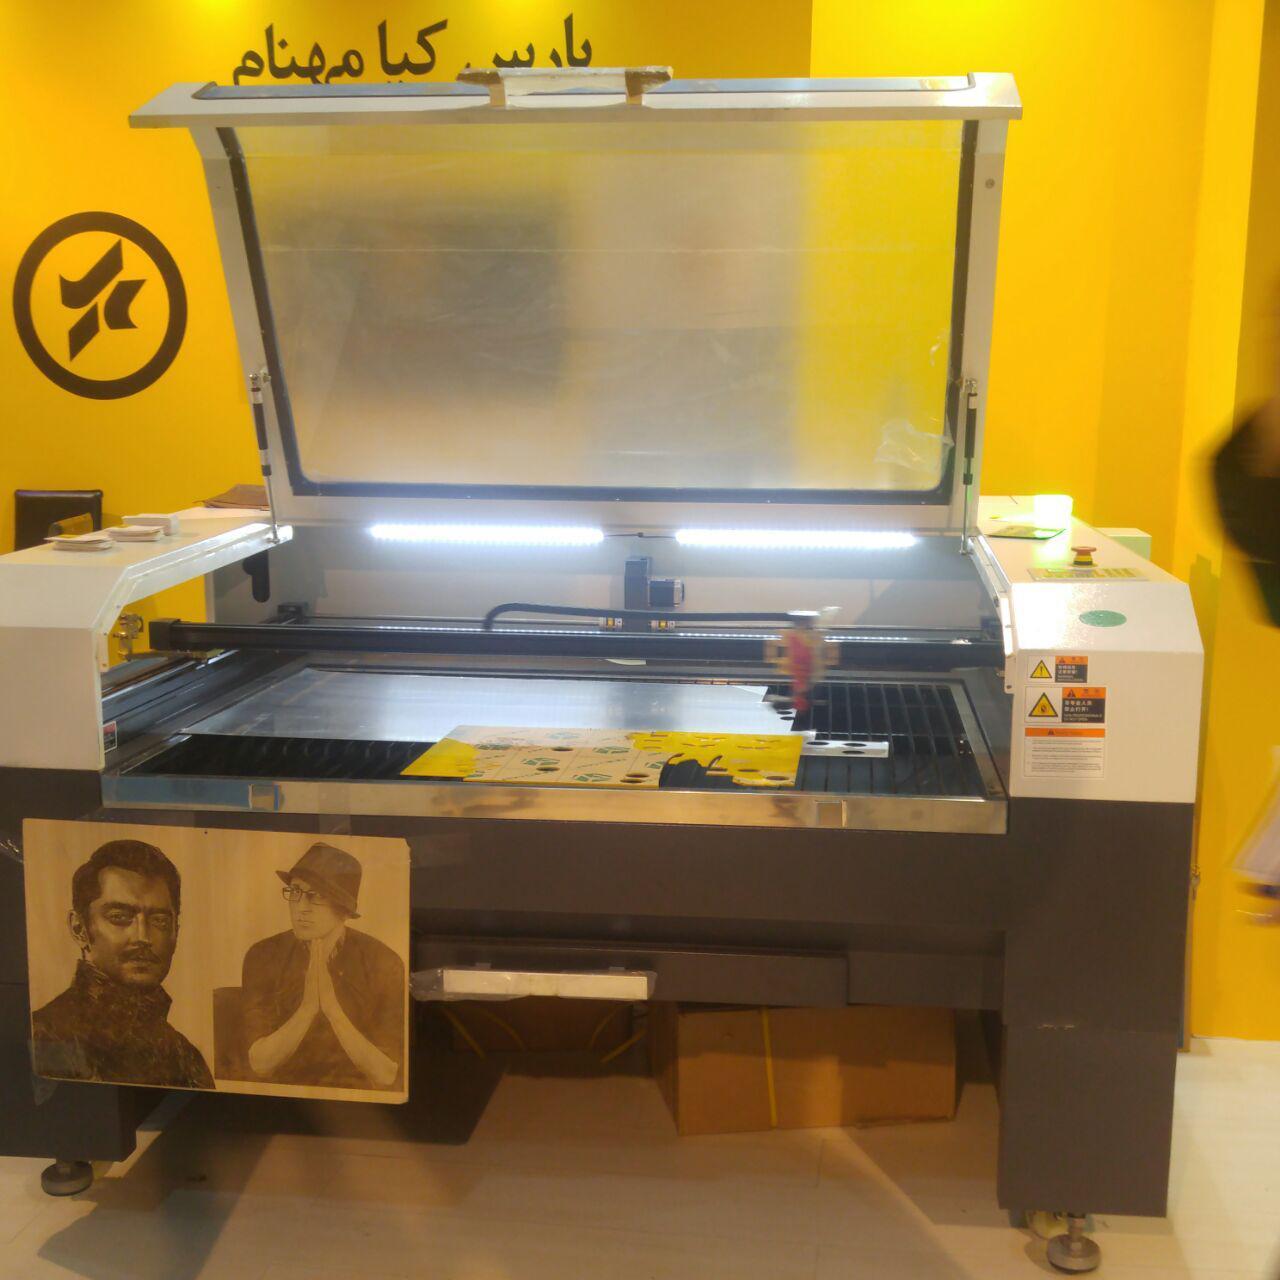 دستگاه لیزر برش و حکاکی چوب و چرم و پلکسی (غیر فلزات) بیوند لیزر و xi لیزر